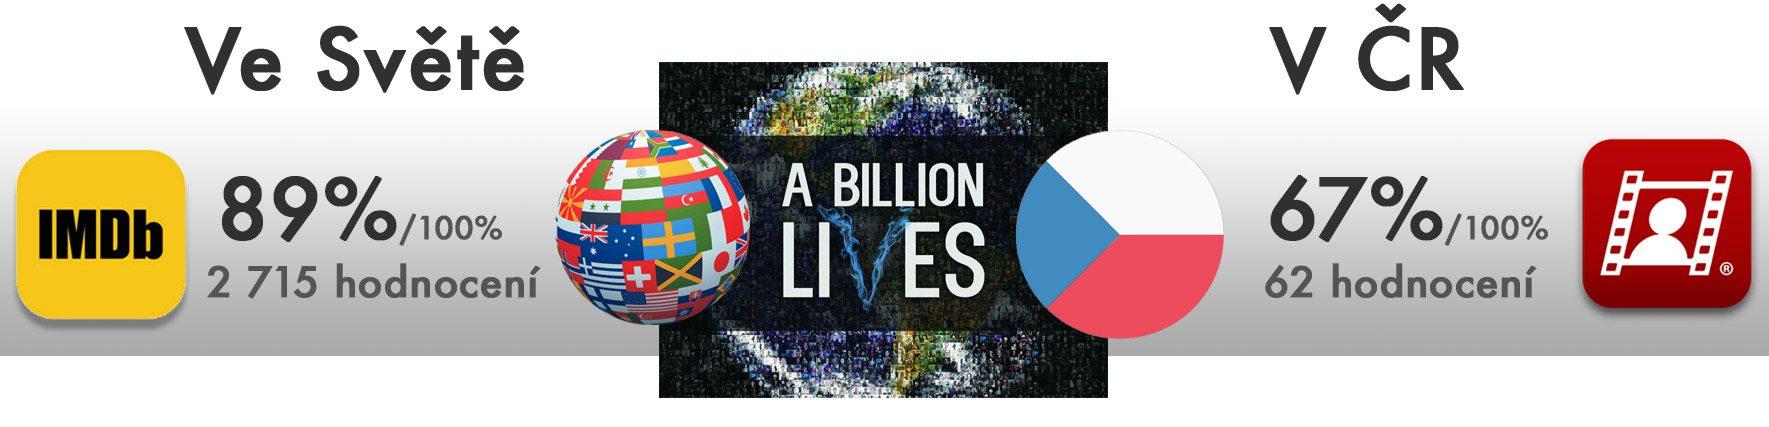 Hodnocení filmu Boj o miliardu životů o vapingu